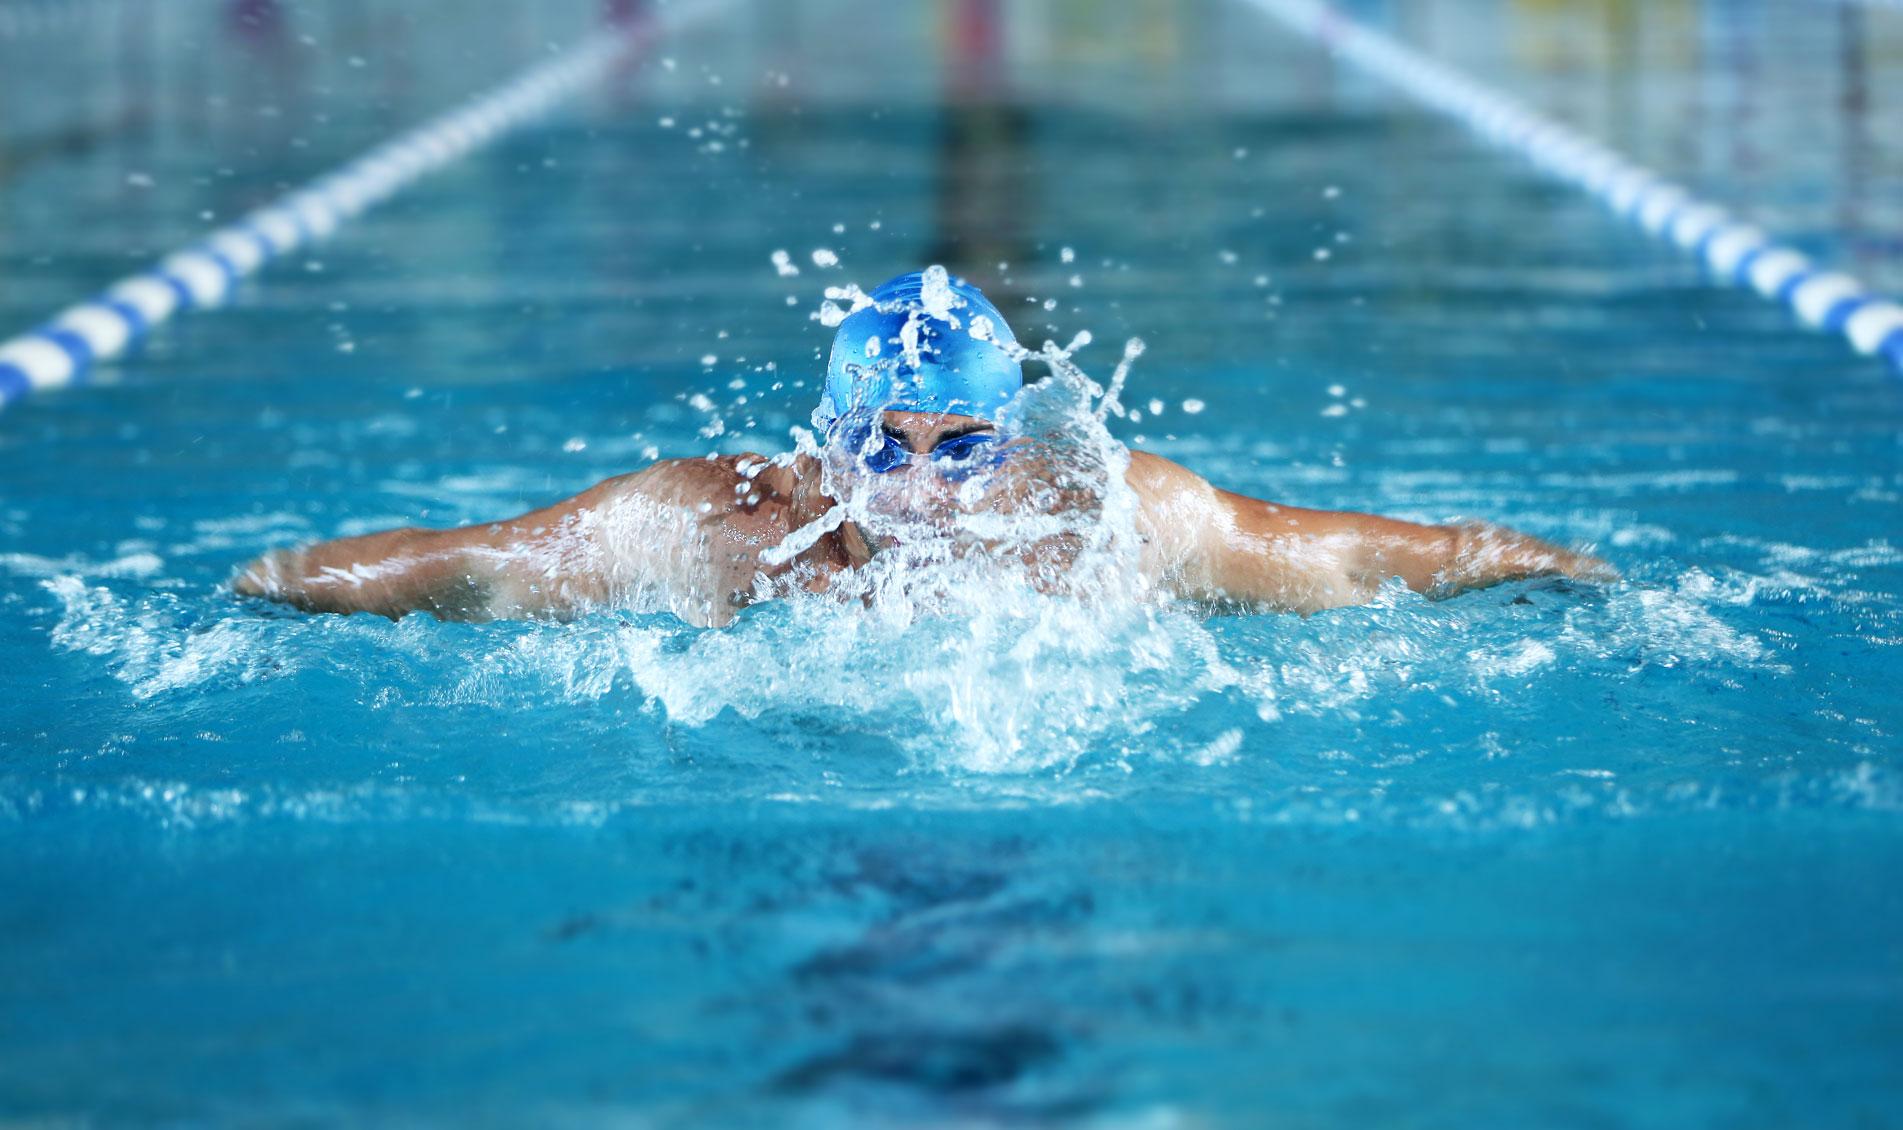 面對人頭會員奧步 唐聖捷:我不會放棄競選泳協理事